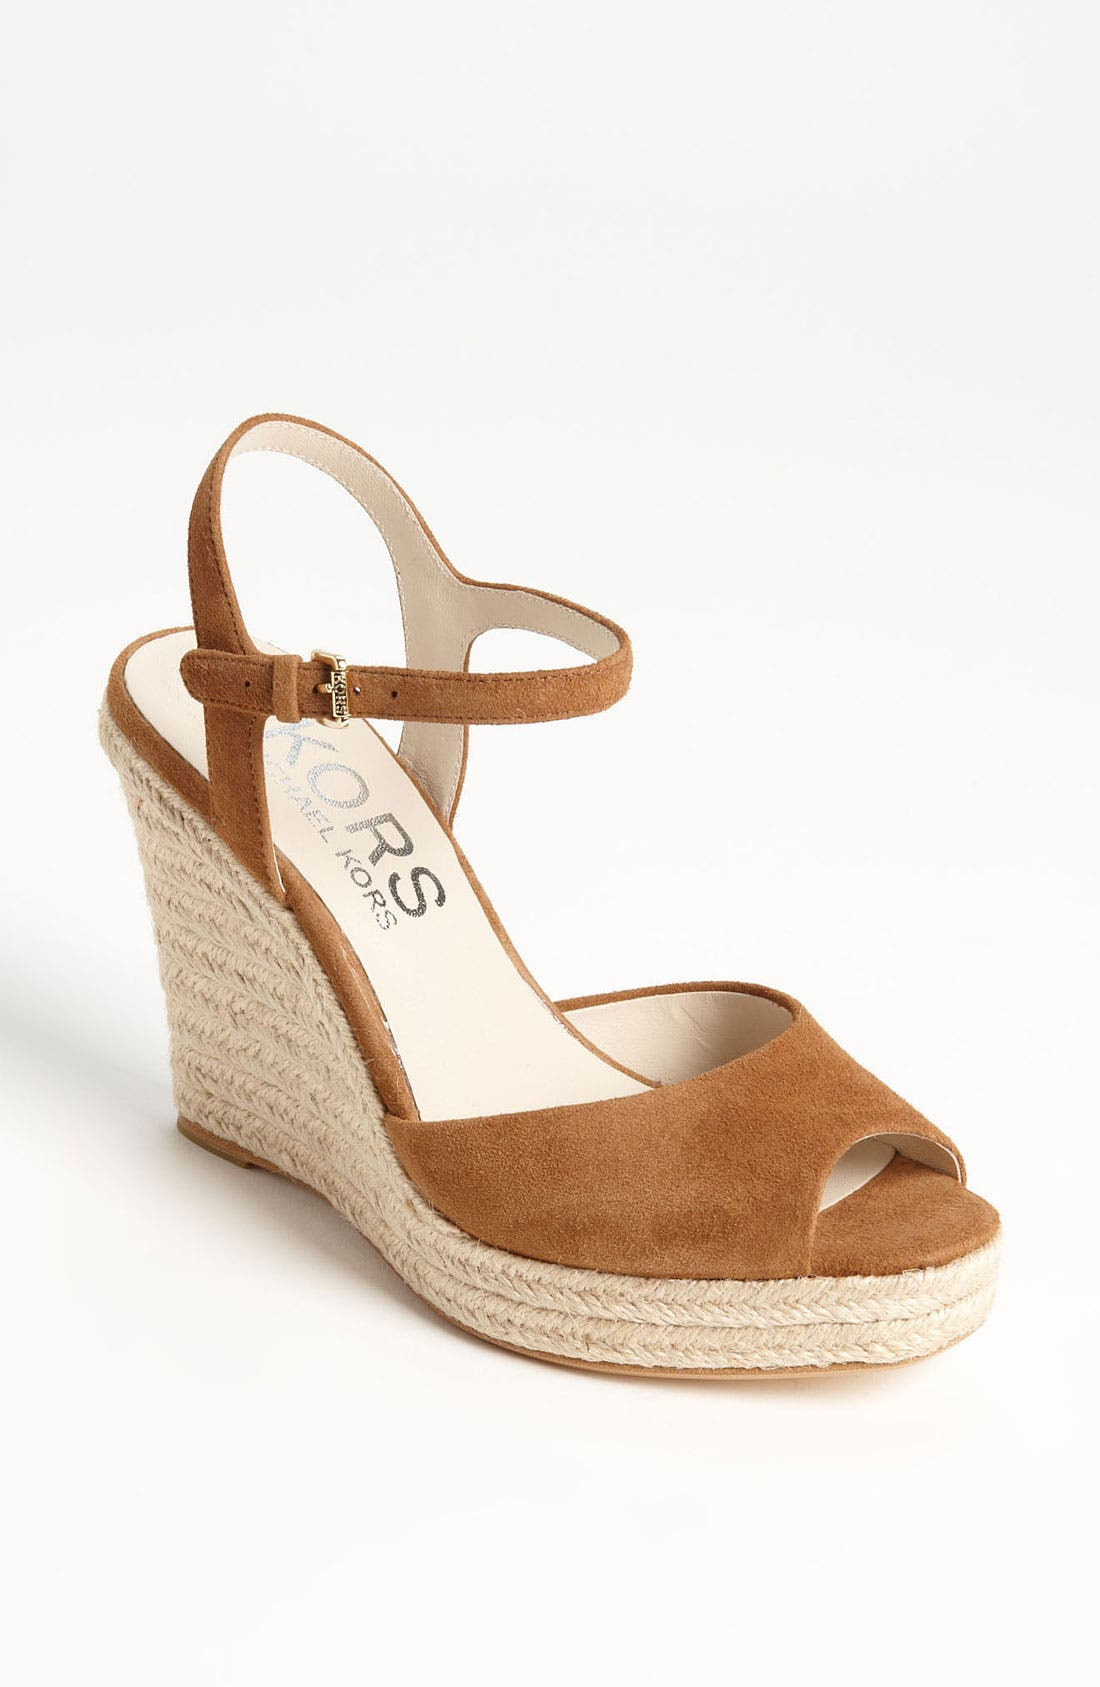 Main Image - KORS Michael Kors 'Valora' Sandal